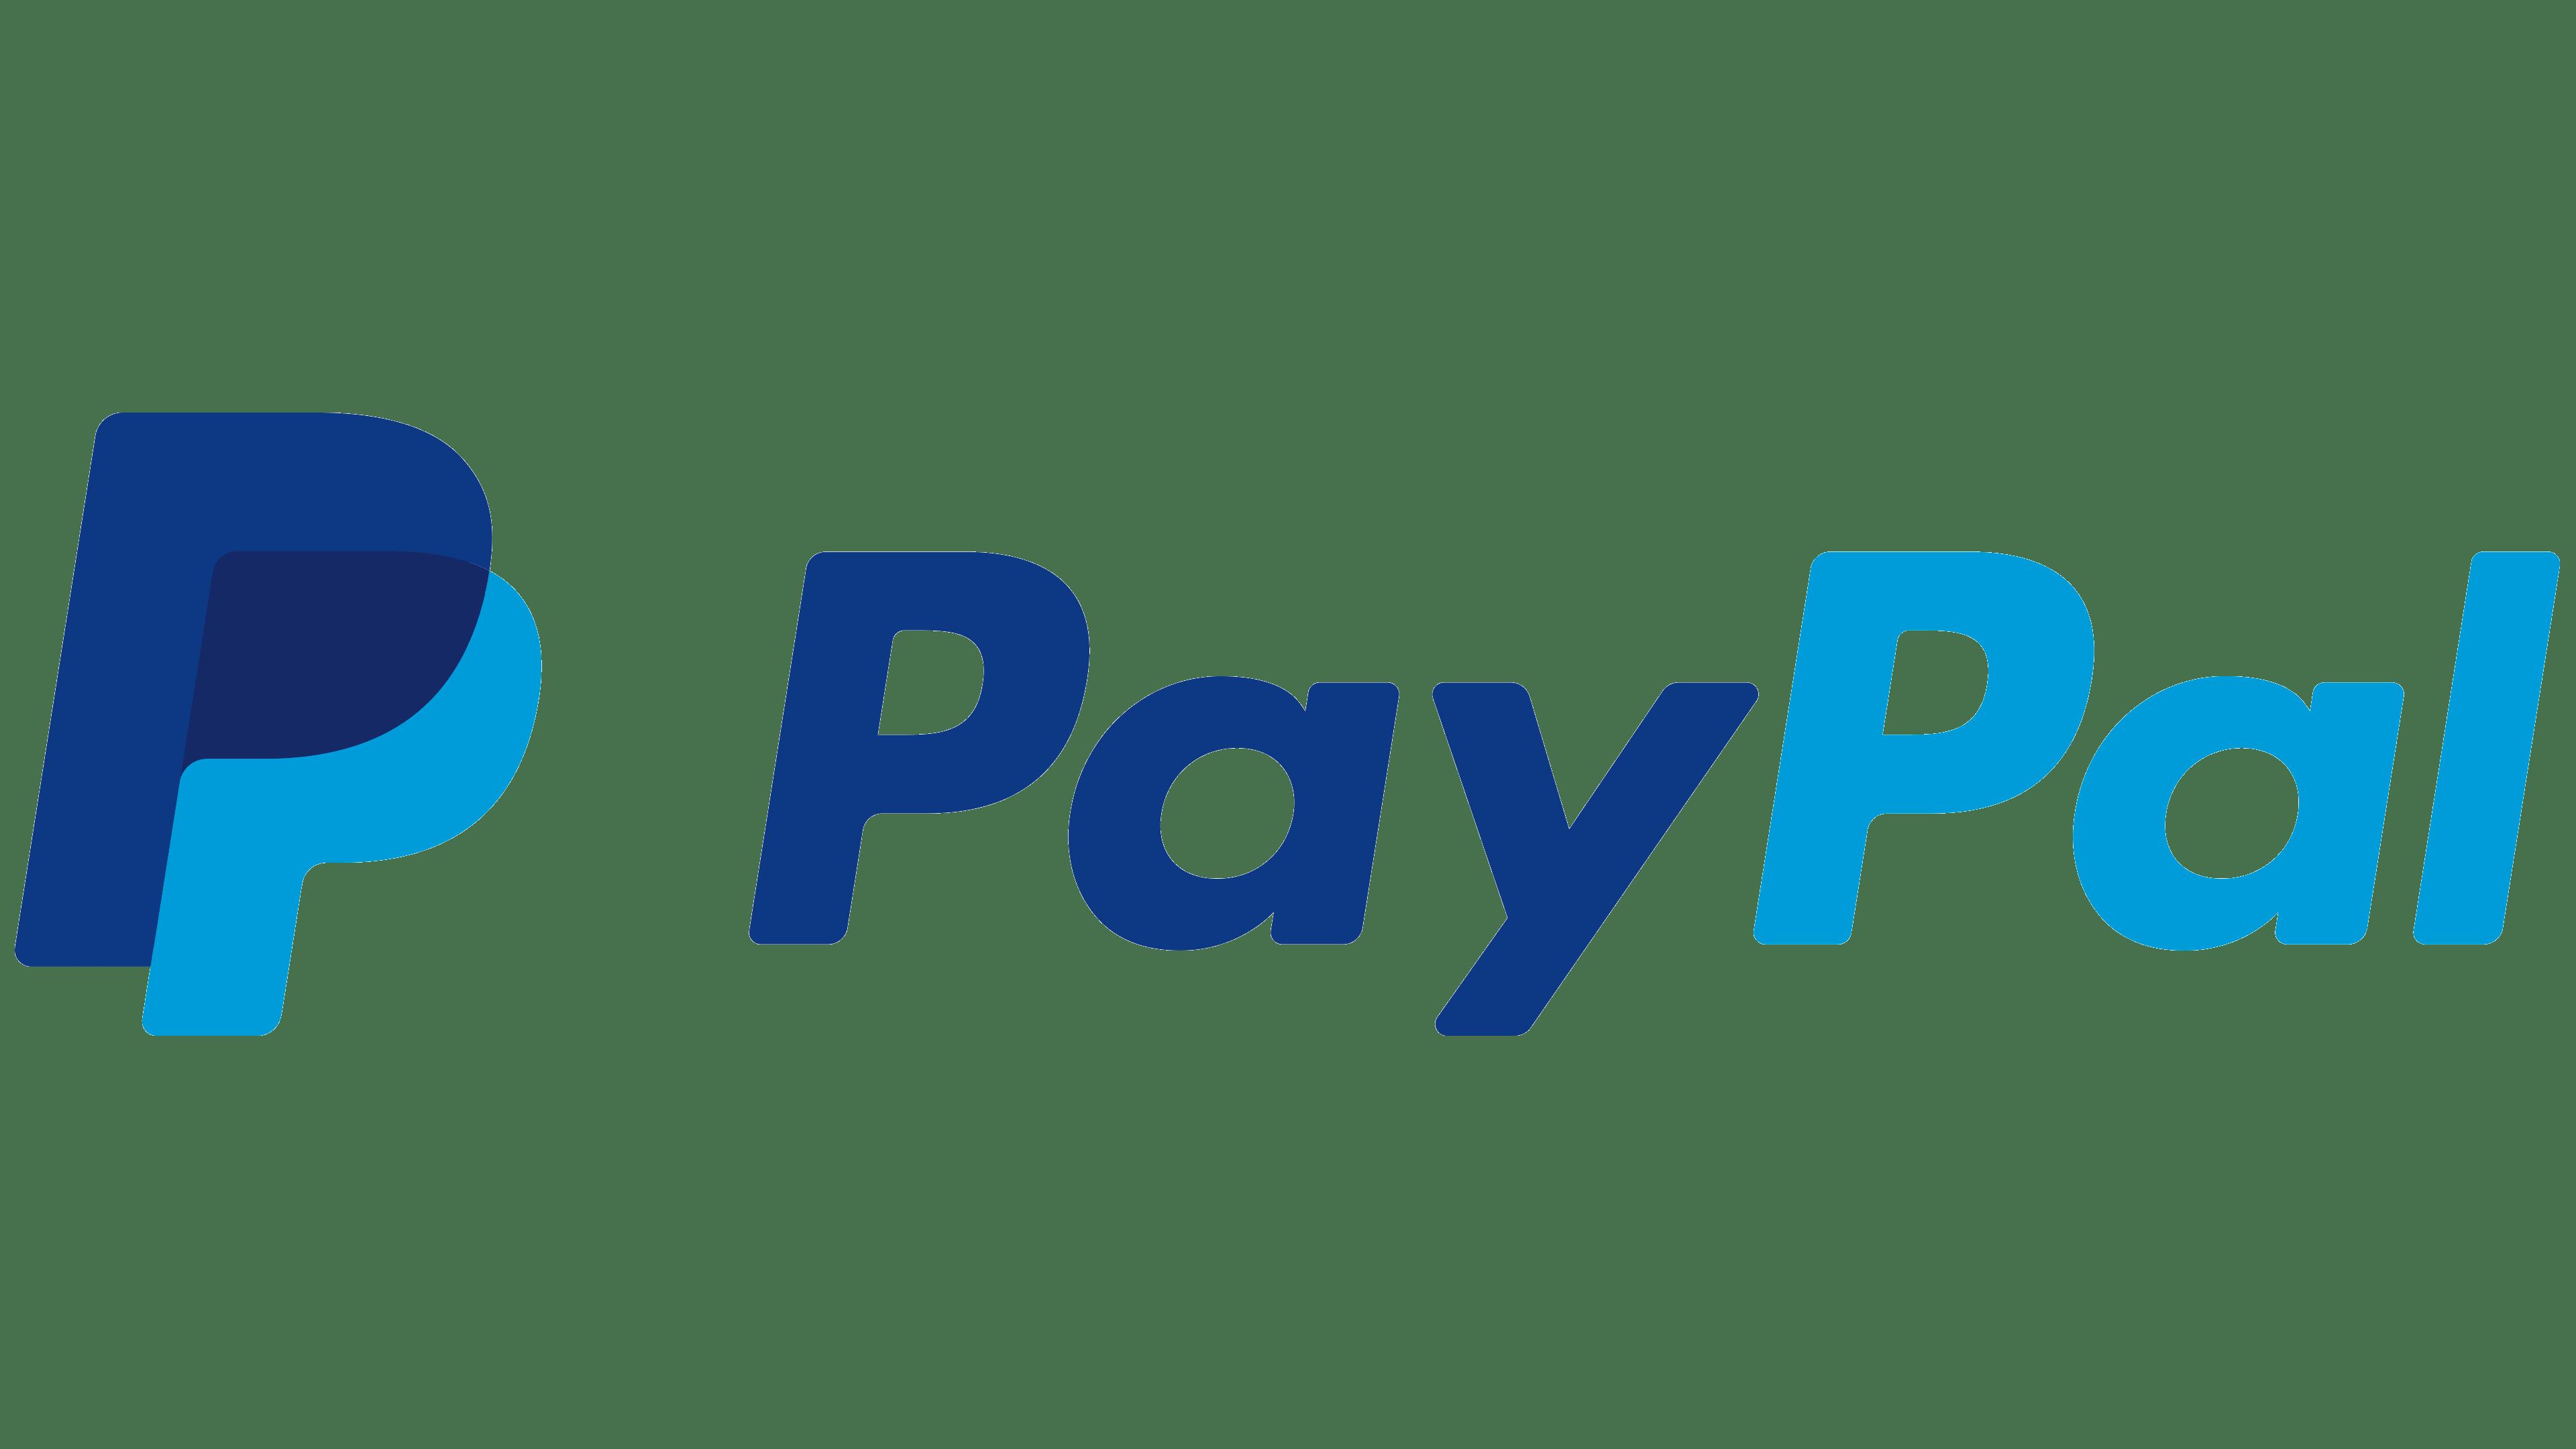 5€ Gratis en PayPal (Cuentas seleccionadas)